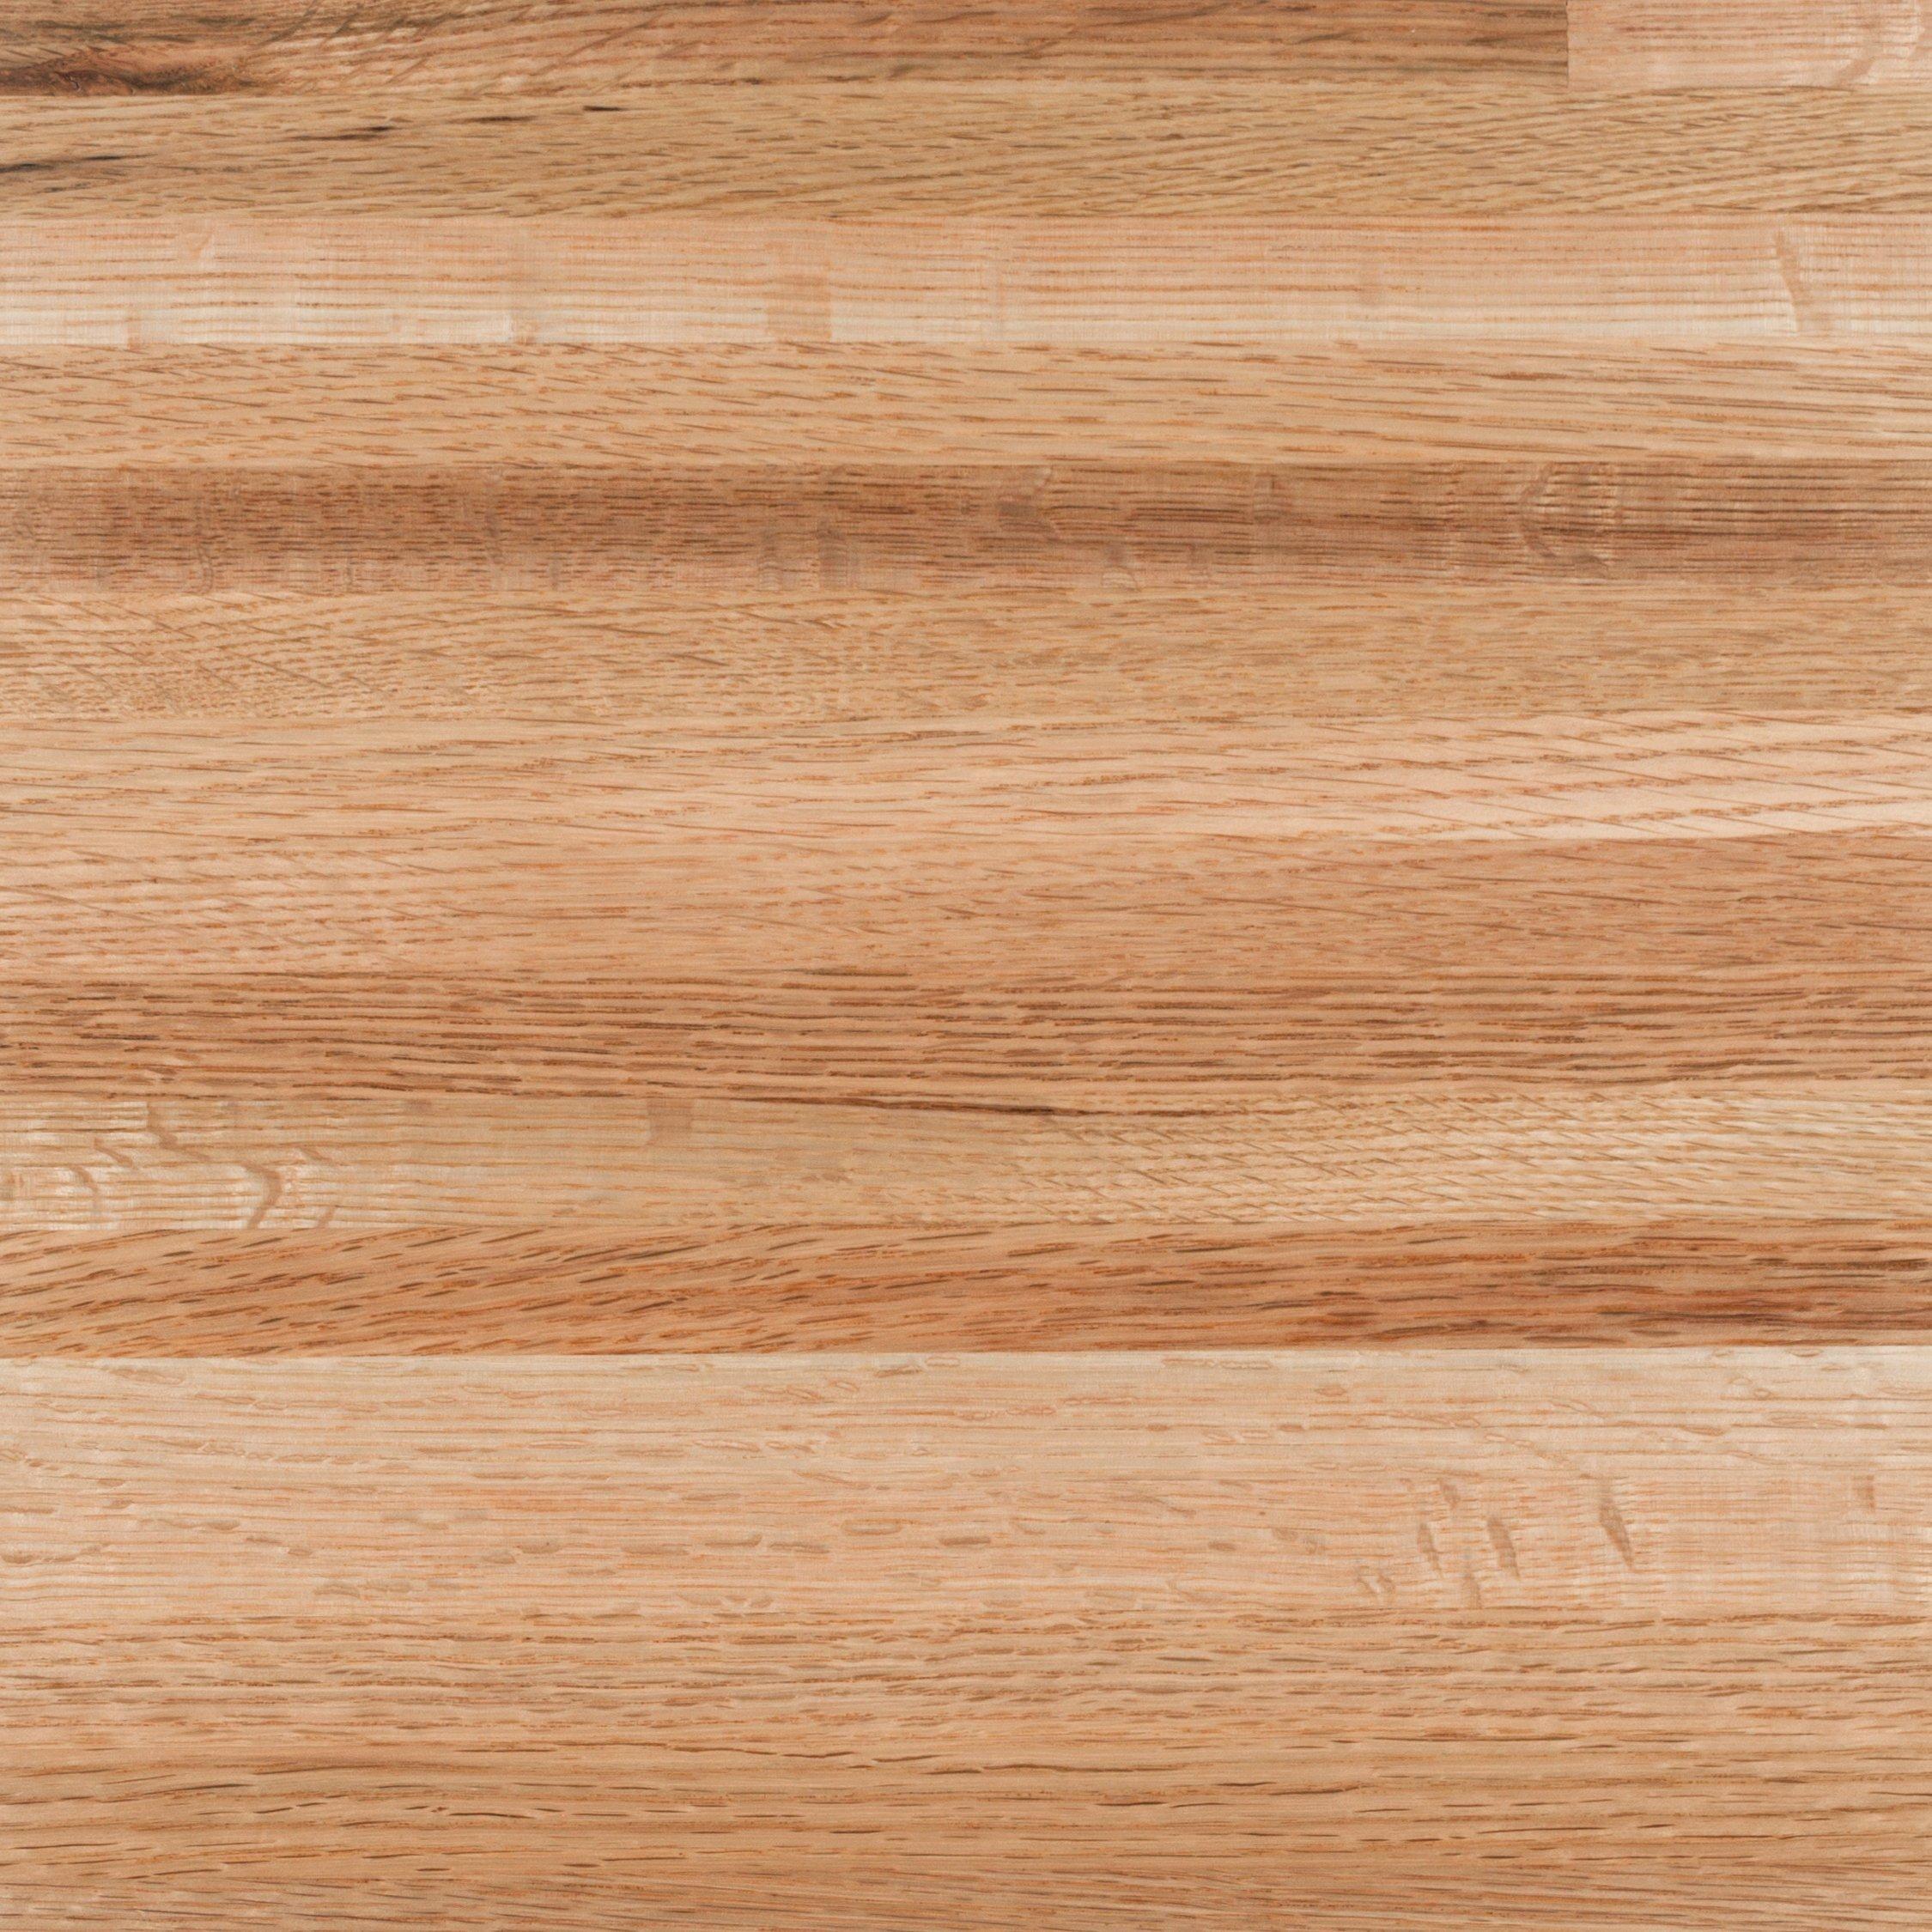 red oak butcher block countertop 8ft